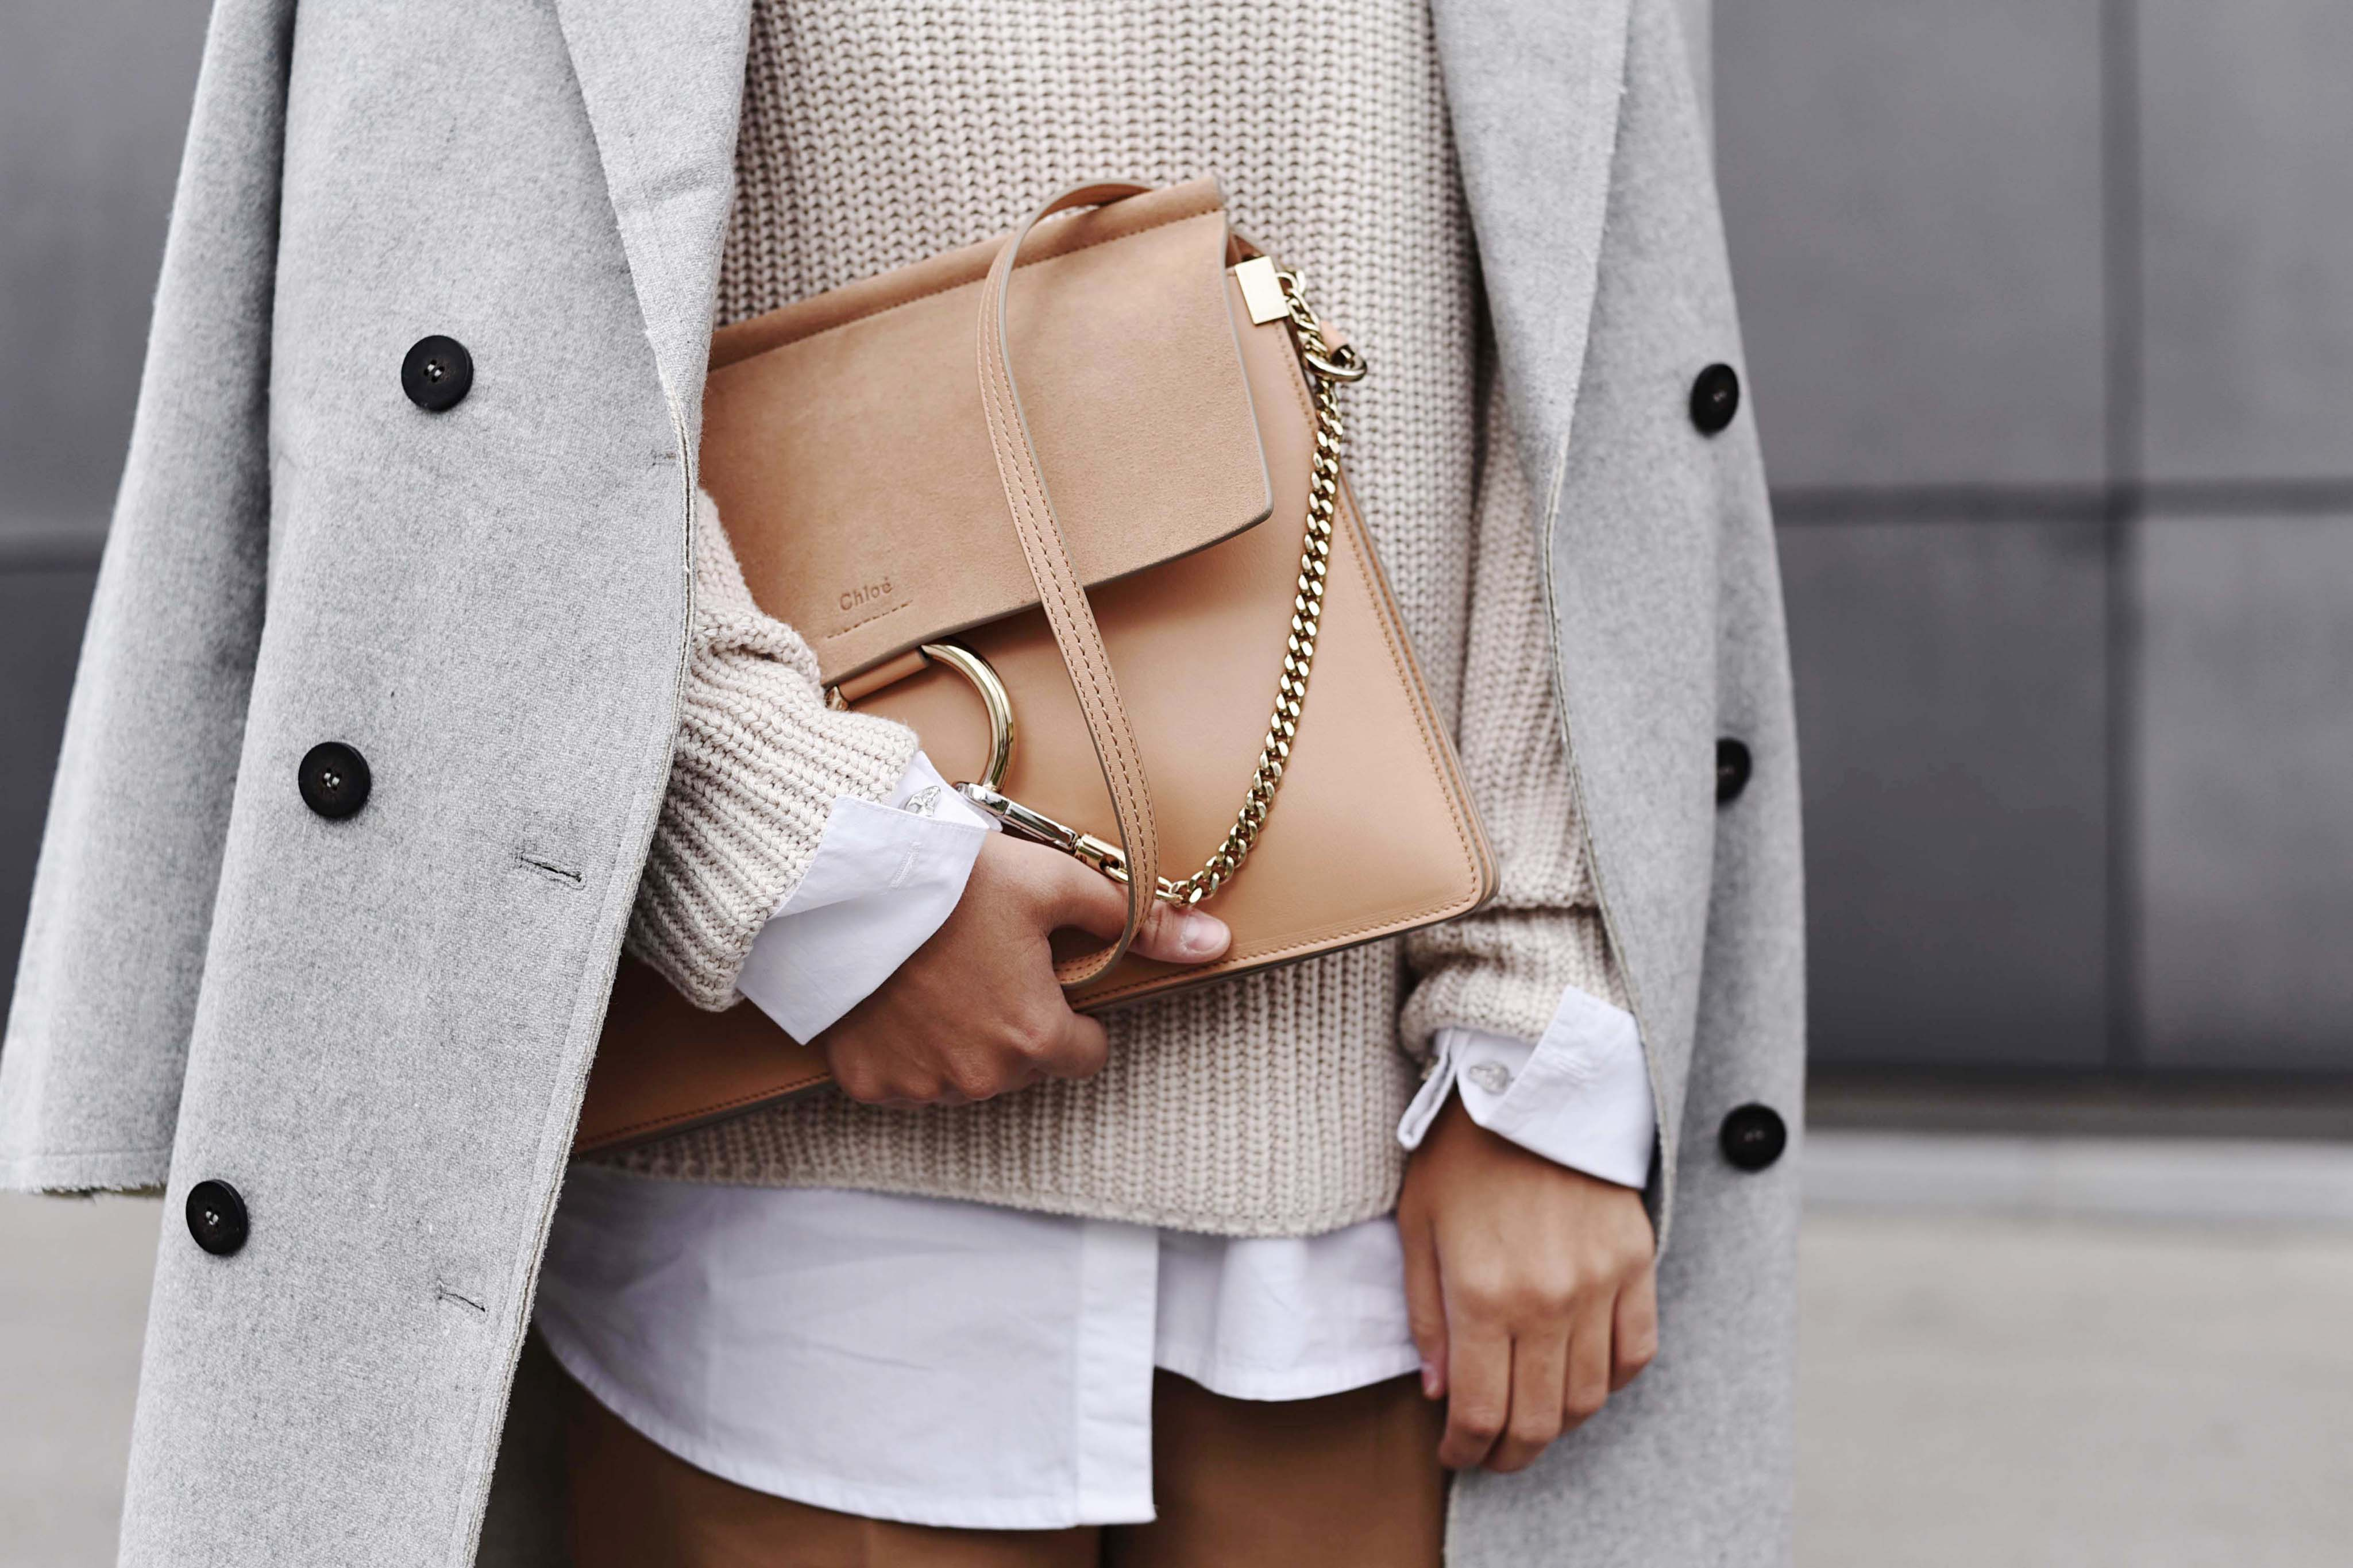 Tipps  Die besten Designer Mode Schnäppchen finden   kaufen! ae3126de3